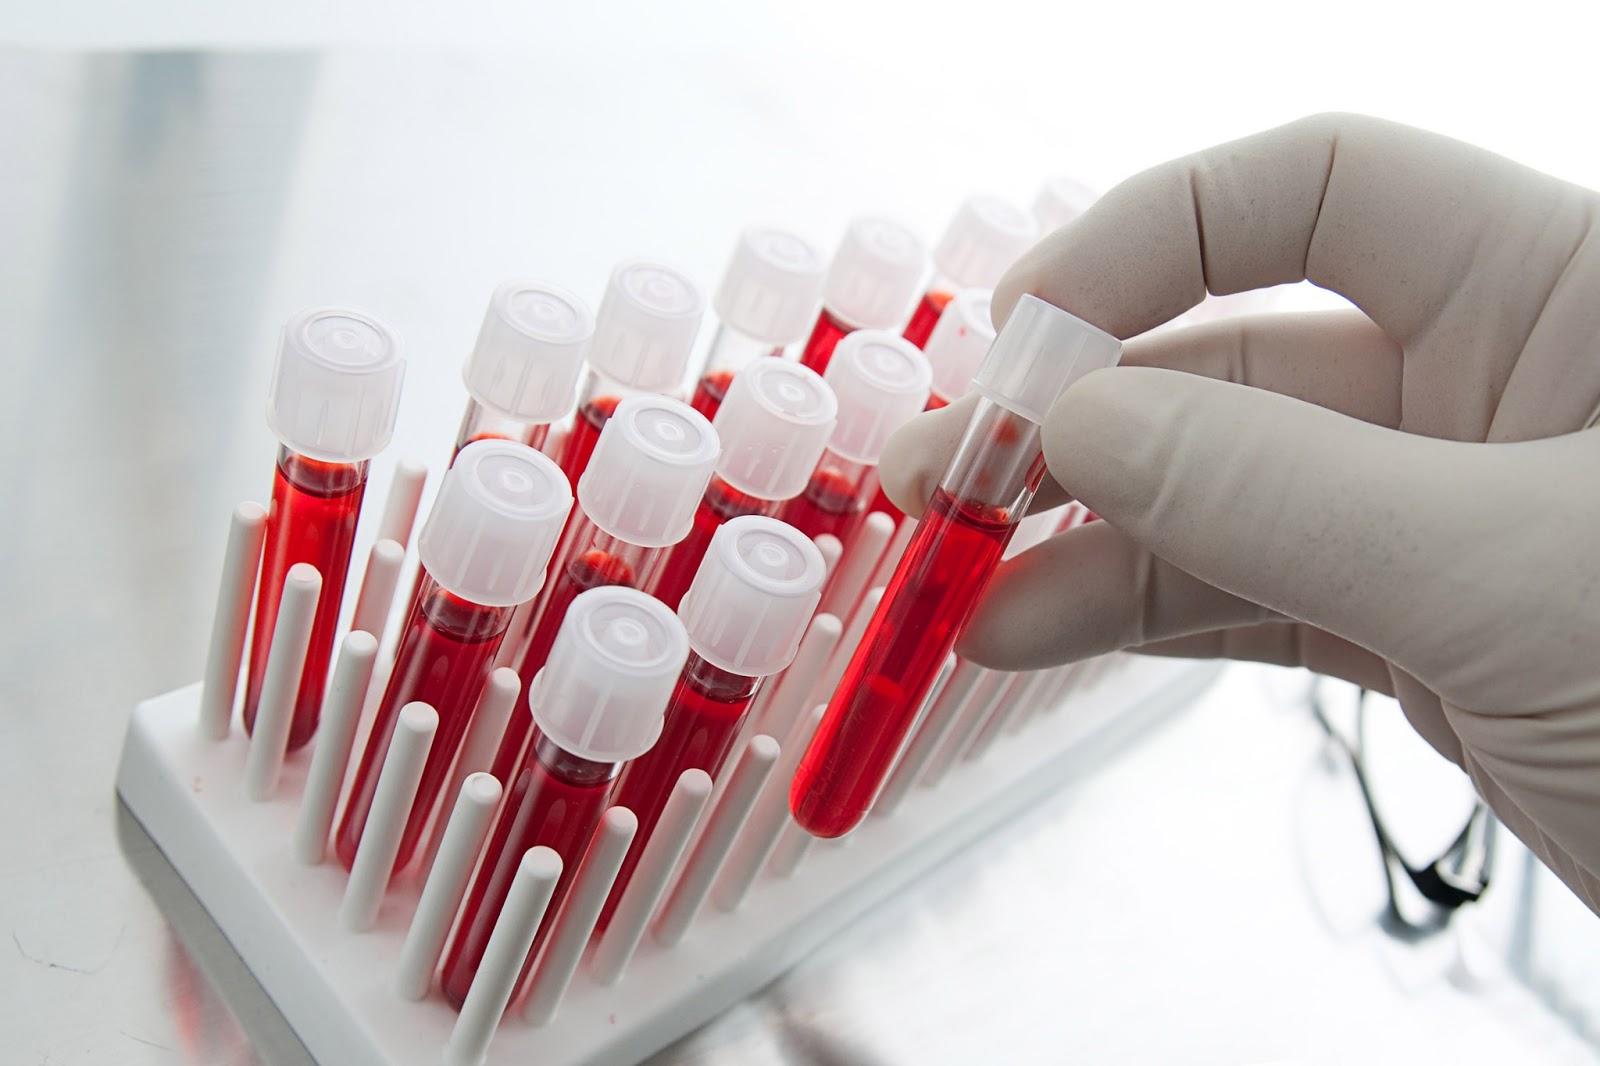 Биохимический анализ крови - 40 грн./1показатель